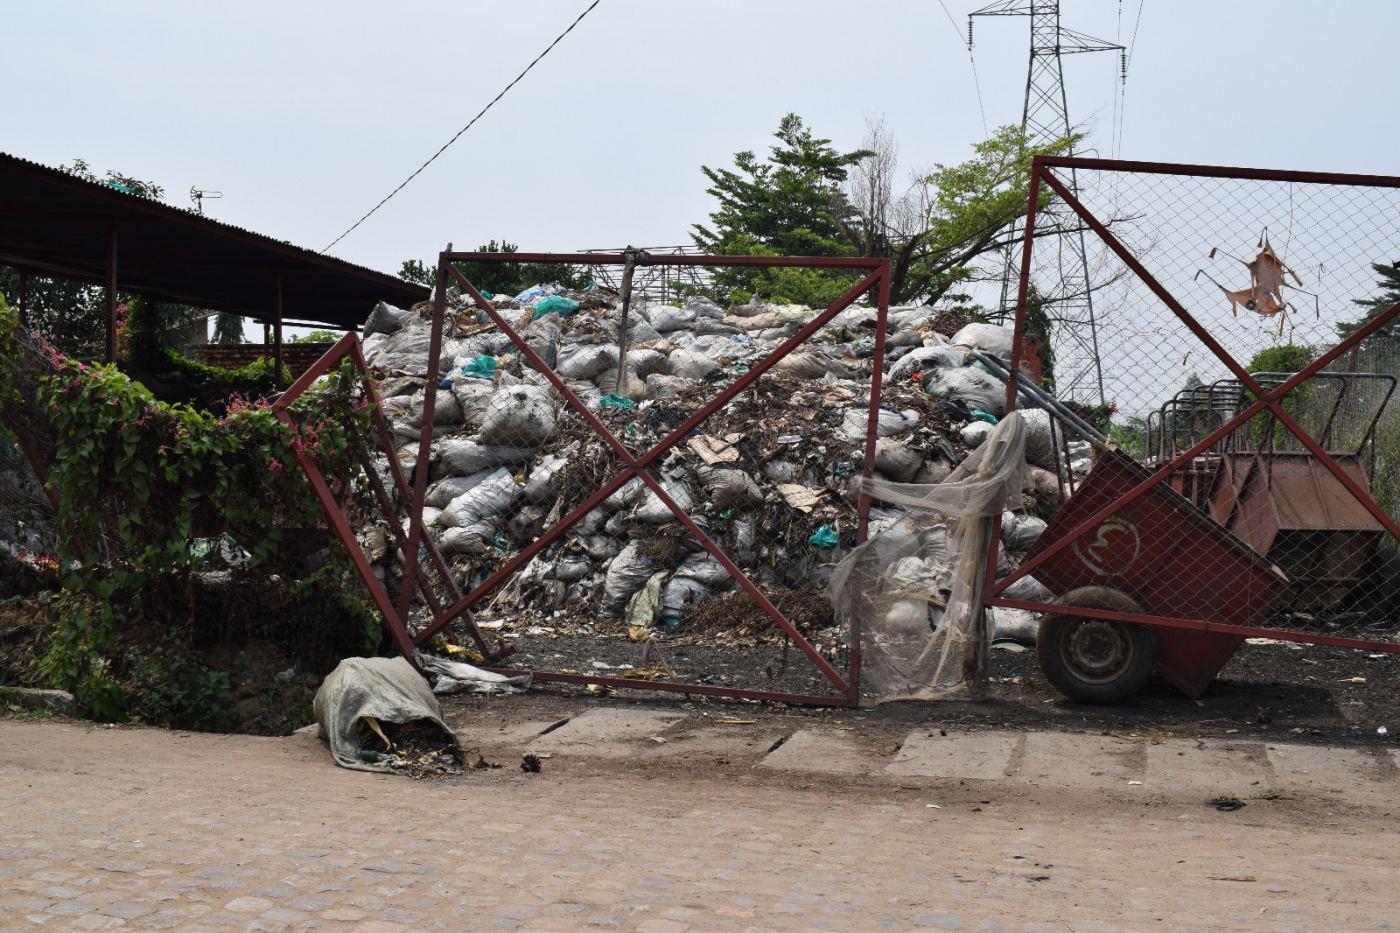 La zone de décharge des déchets située à la 14ème avenue.